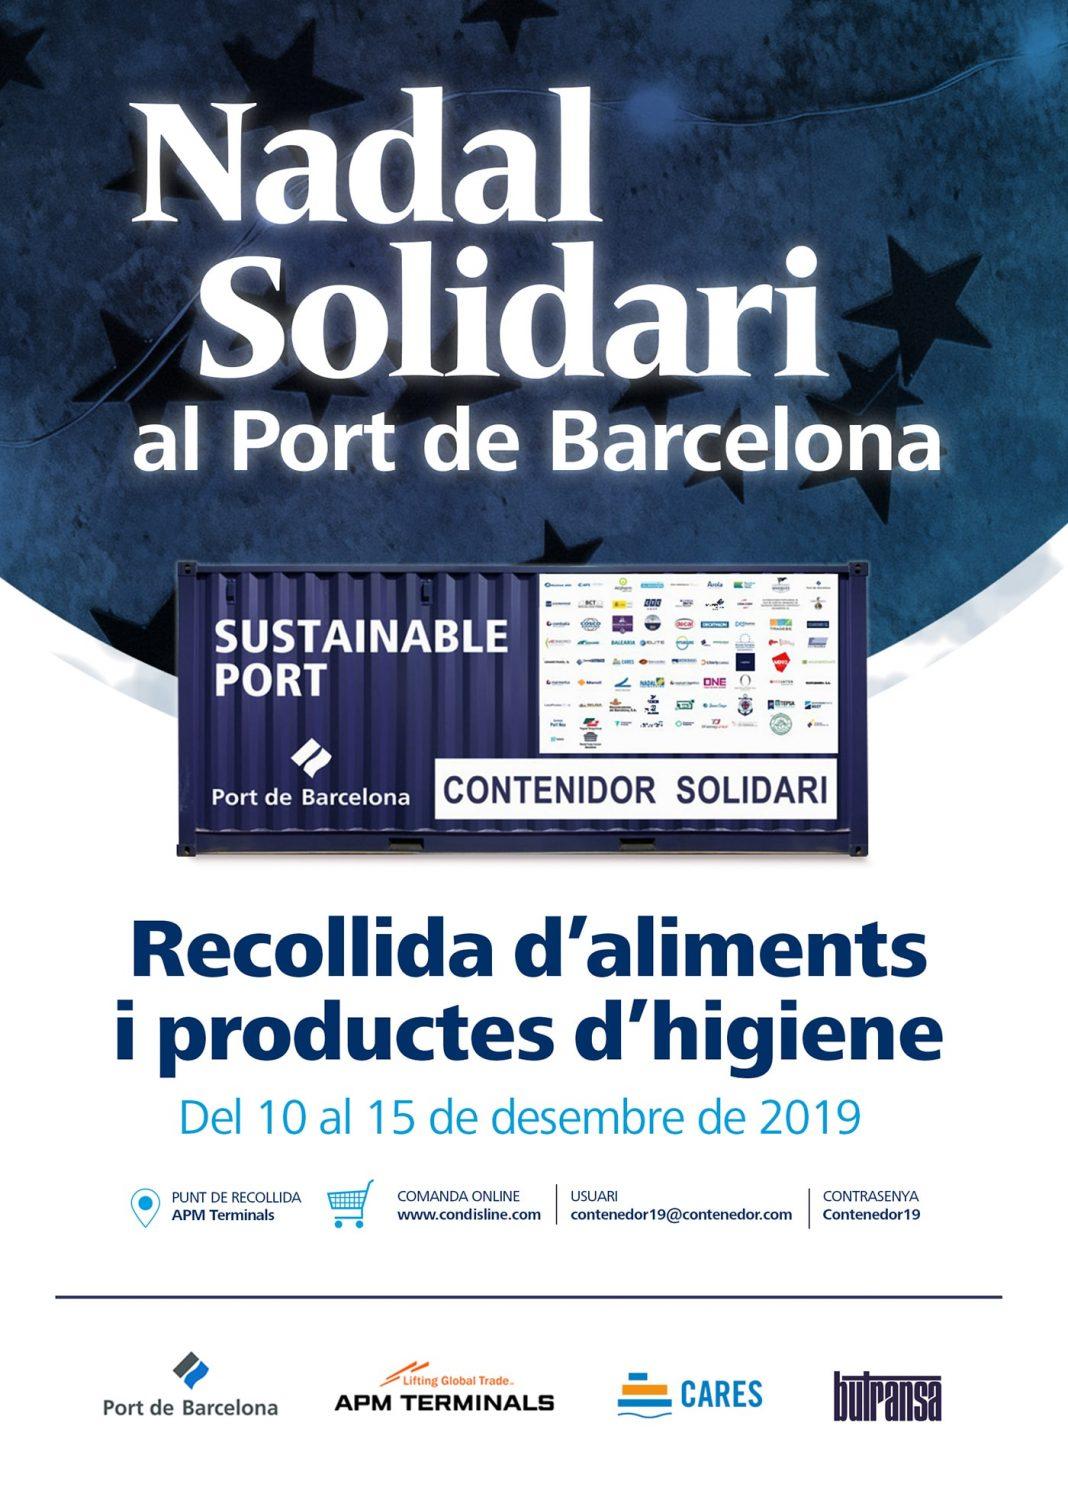 Nadal Solidari Compo 2019 A3 min